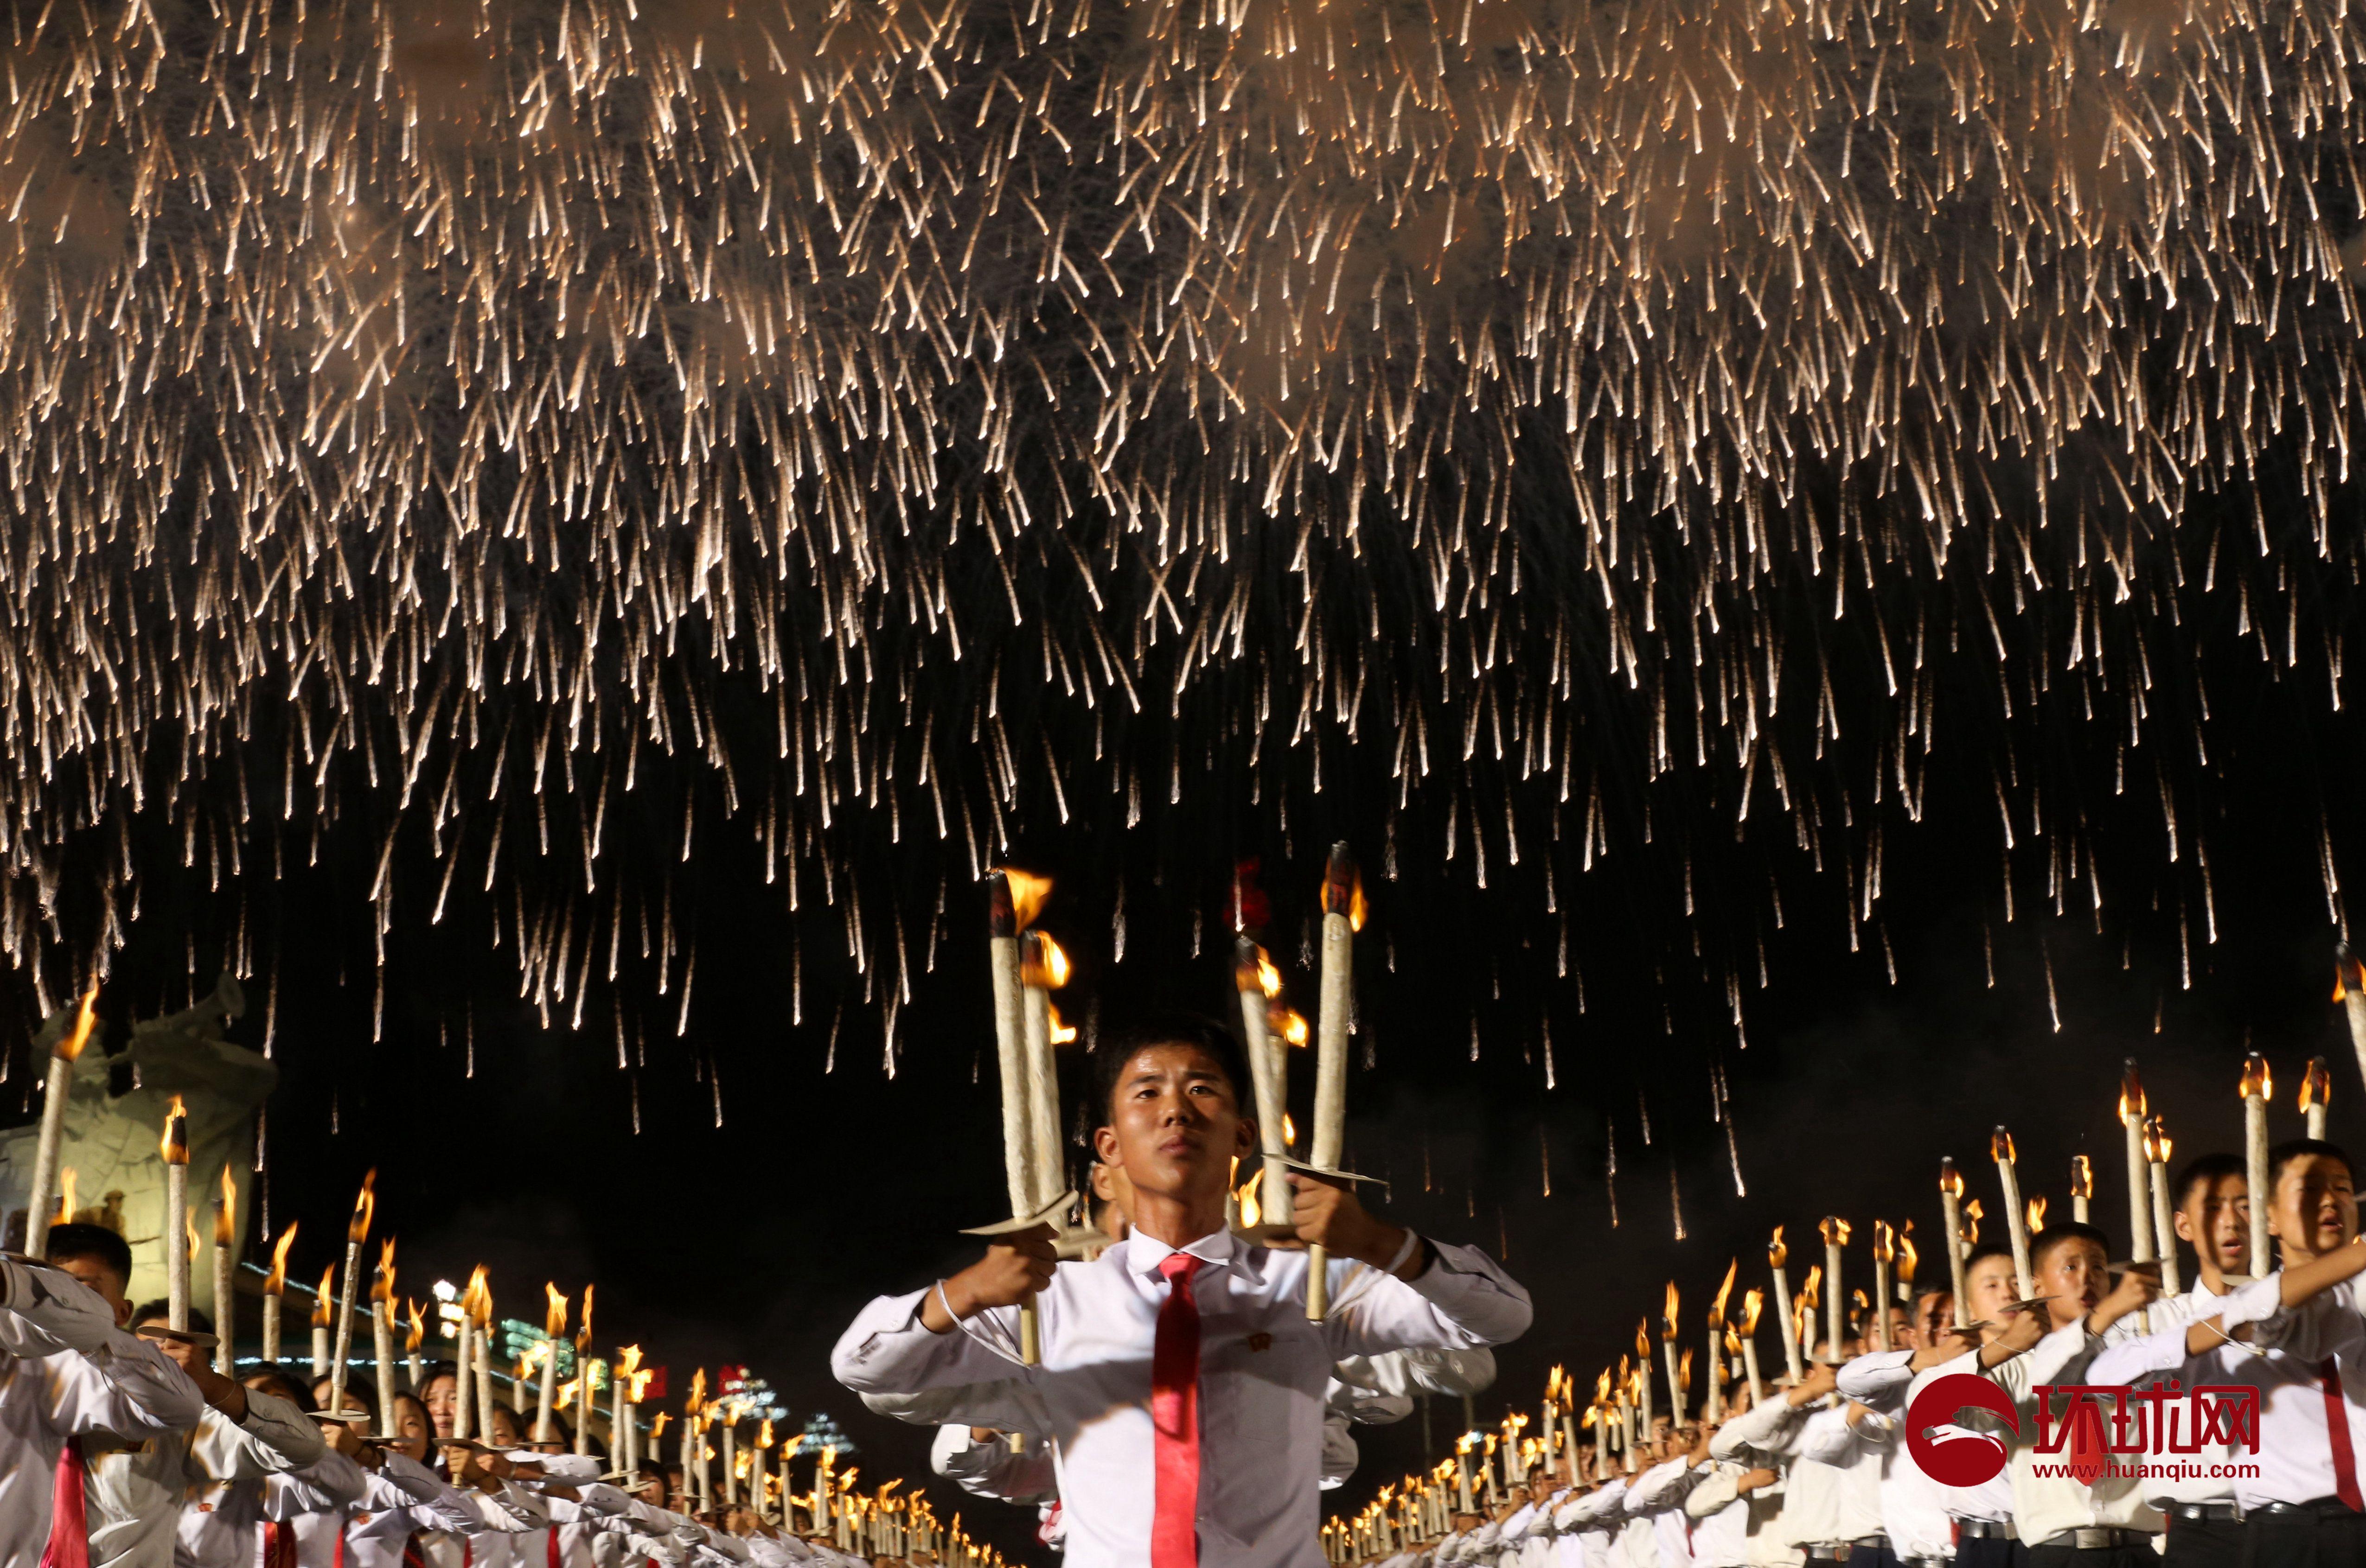 10日晚,为庆祝朝鲜建国70周年,平壤金日成广场举行主题为《前进吧!青年们》的火炬及烟花表演,几千名手持火炬的学生排列成各种文字和图案,再次向世界展示了集体的气势。本次活动持续约一小时,比往年时间短。最令记者们惊讶的是面对广场站立的火炬手,他们竟一直保持两手持火炬,且上臂与肩膀齐平的姿势,从演出开始到结束纹丝不动!